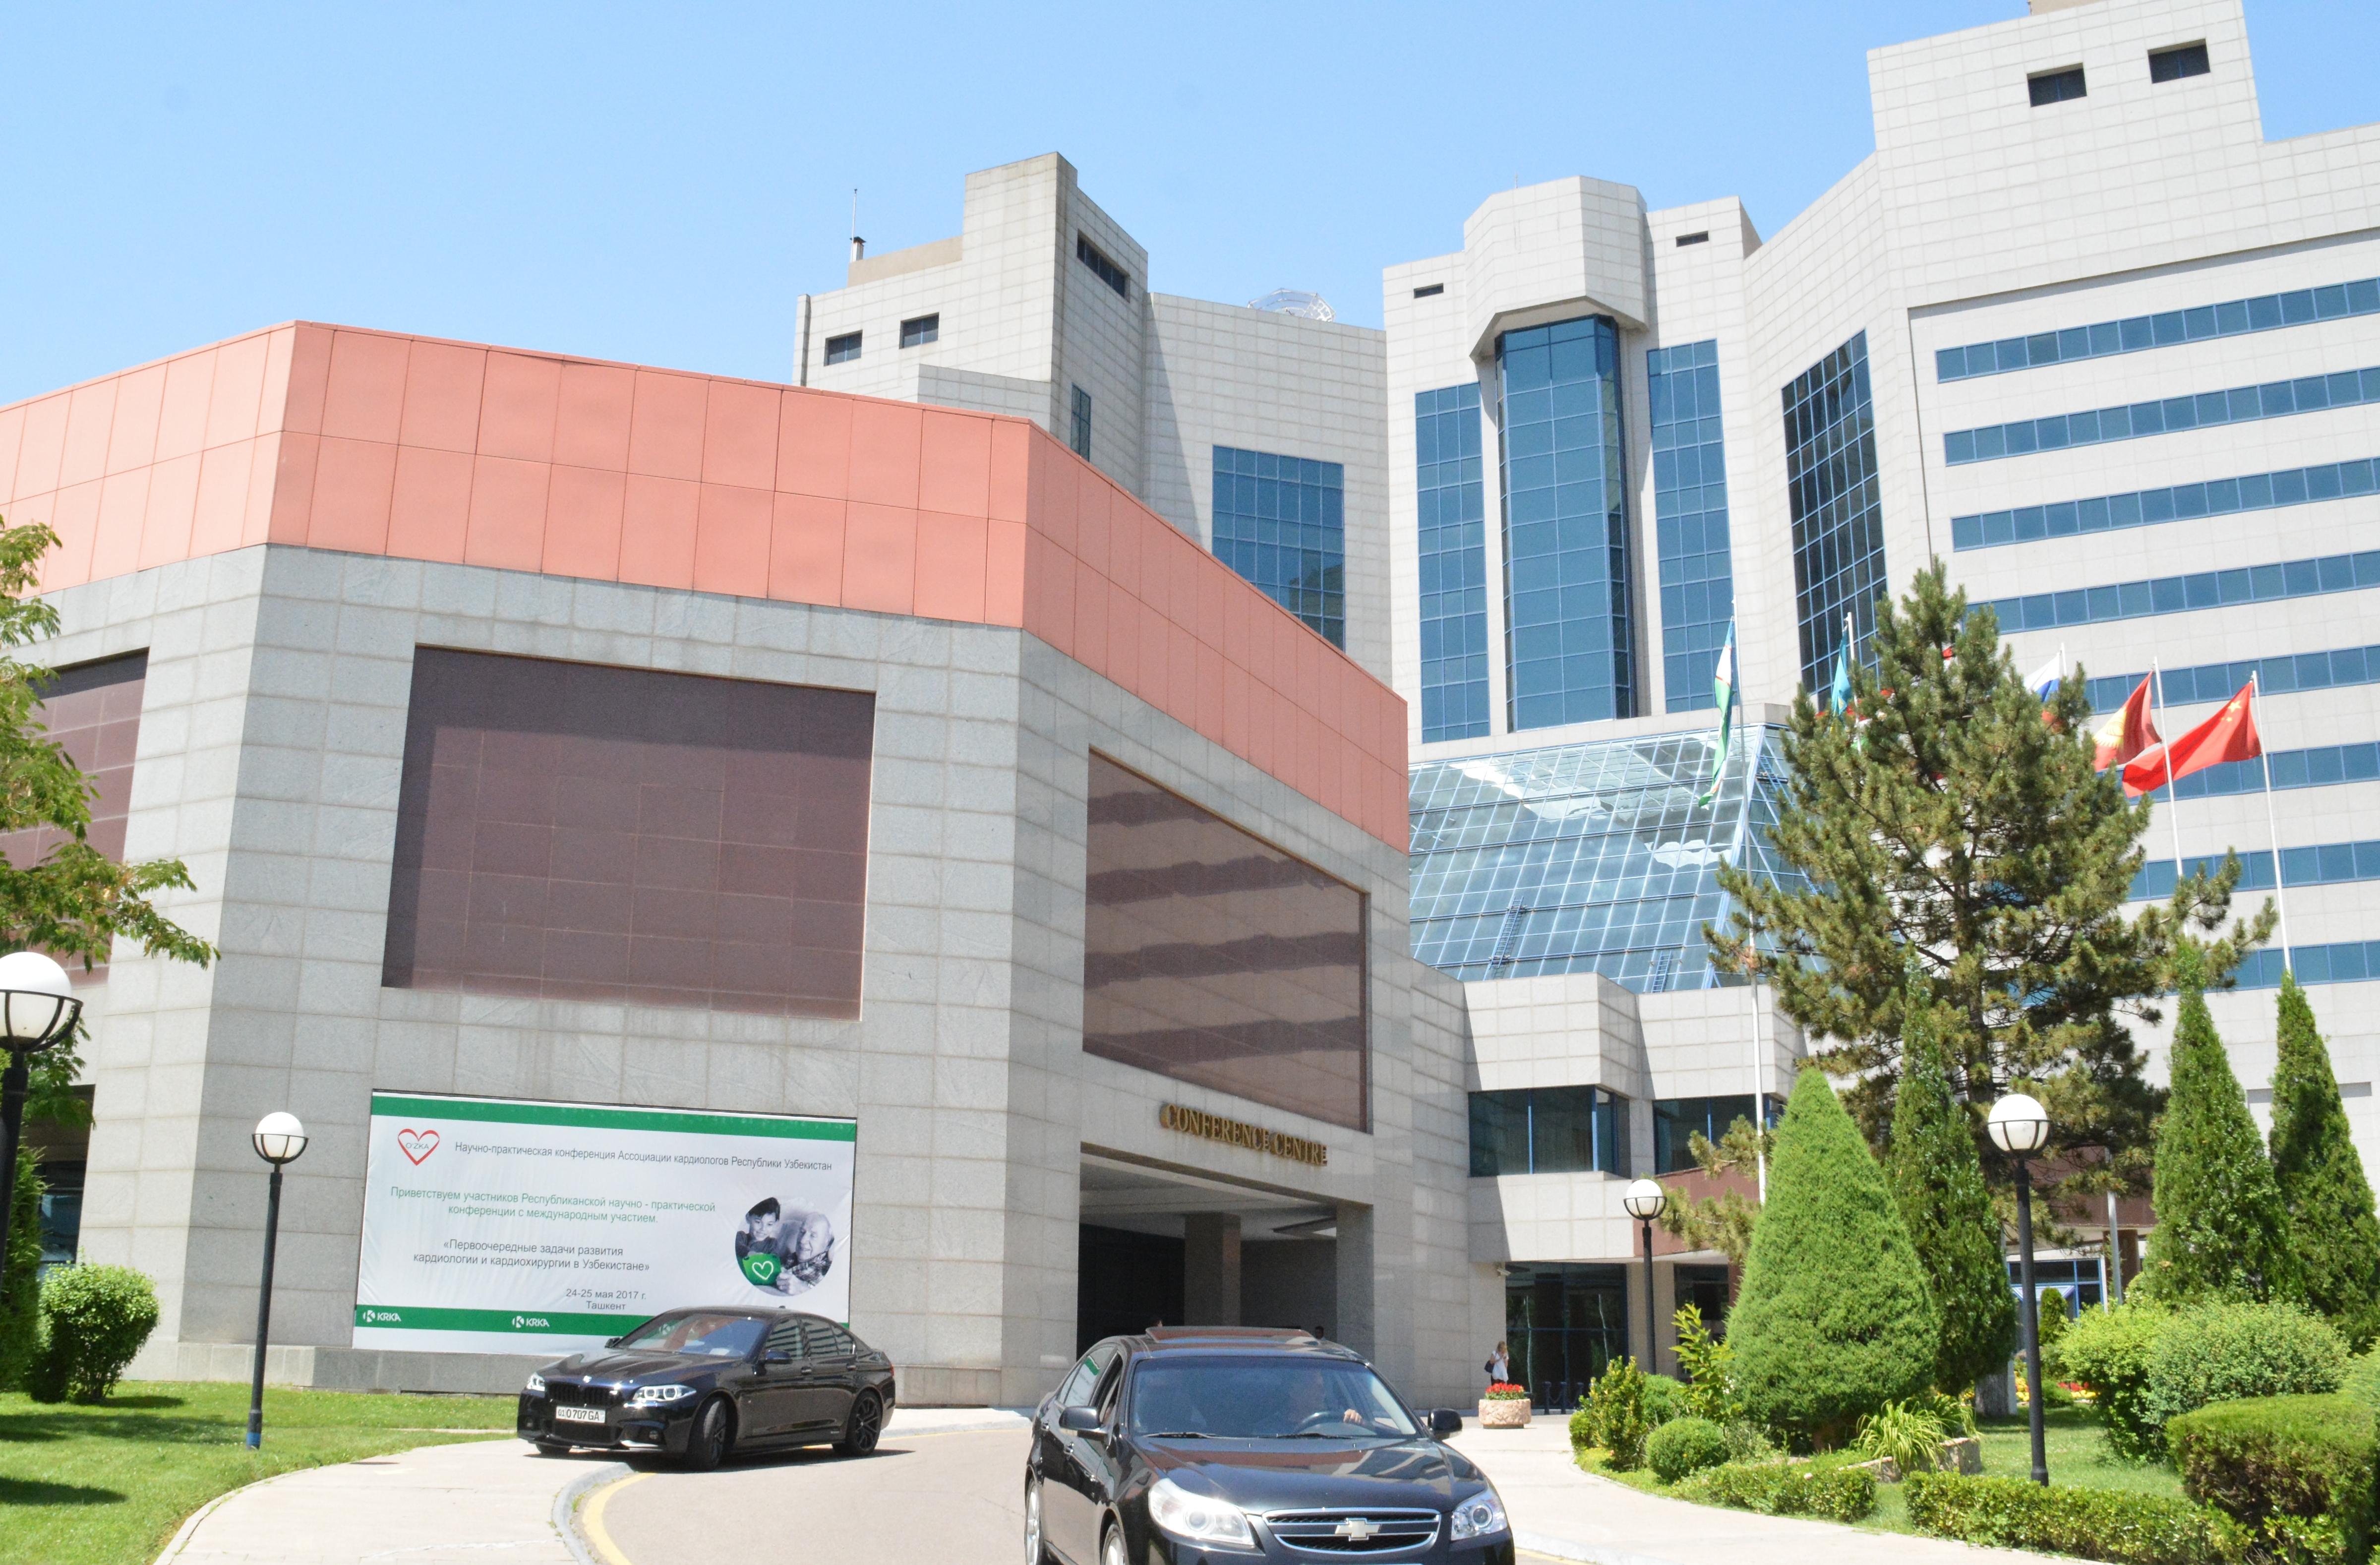 http://medicalexpress.ru/uploads/reportss/kardio%20askar/DSC_0330.JPG